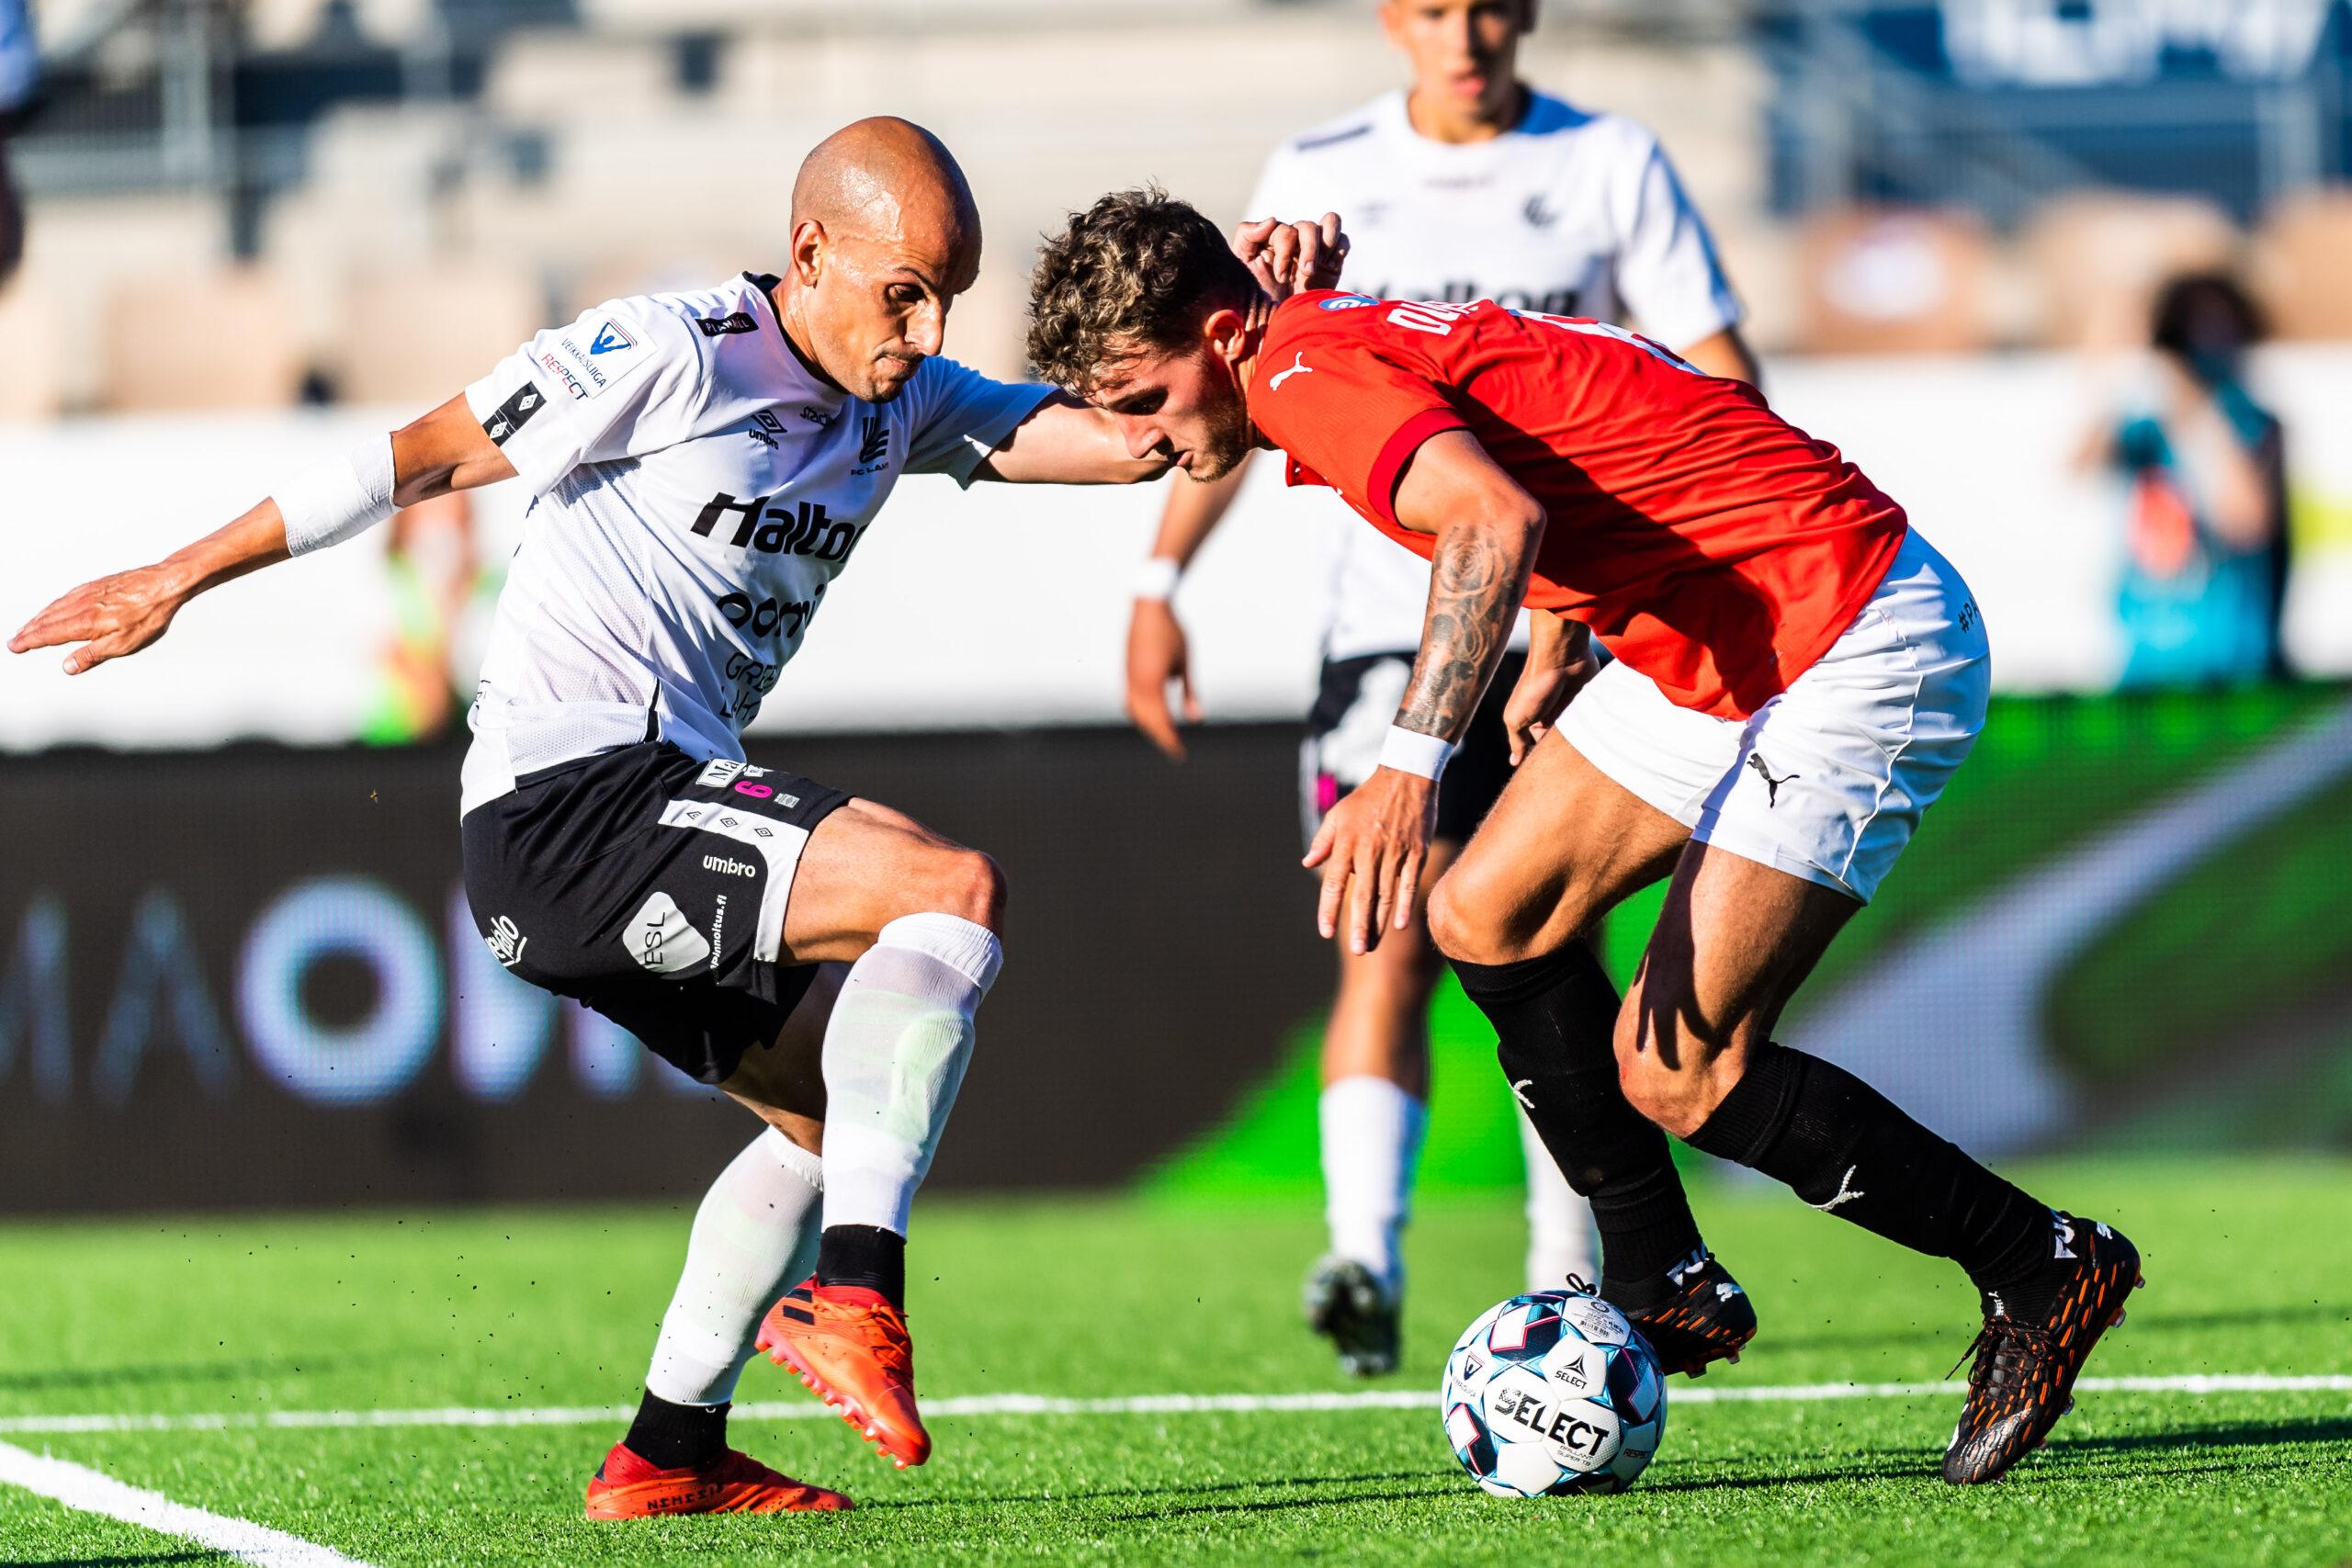 Förlust för HIFK mot FC Lahti – Jasin Assehnoun avgjorde den jämna matchen